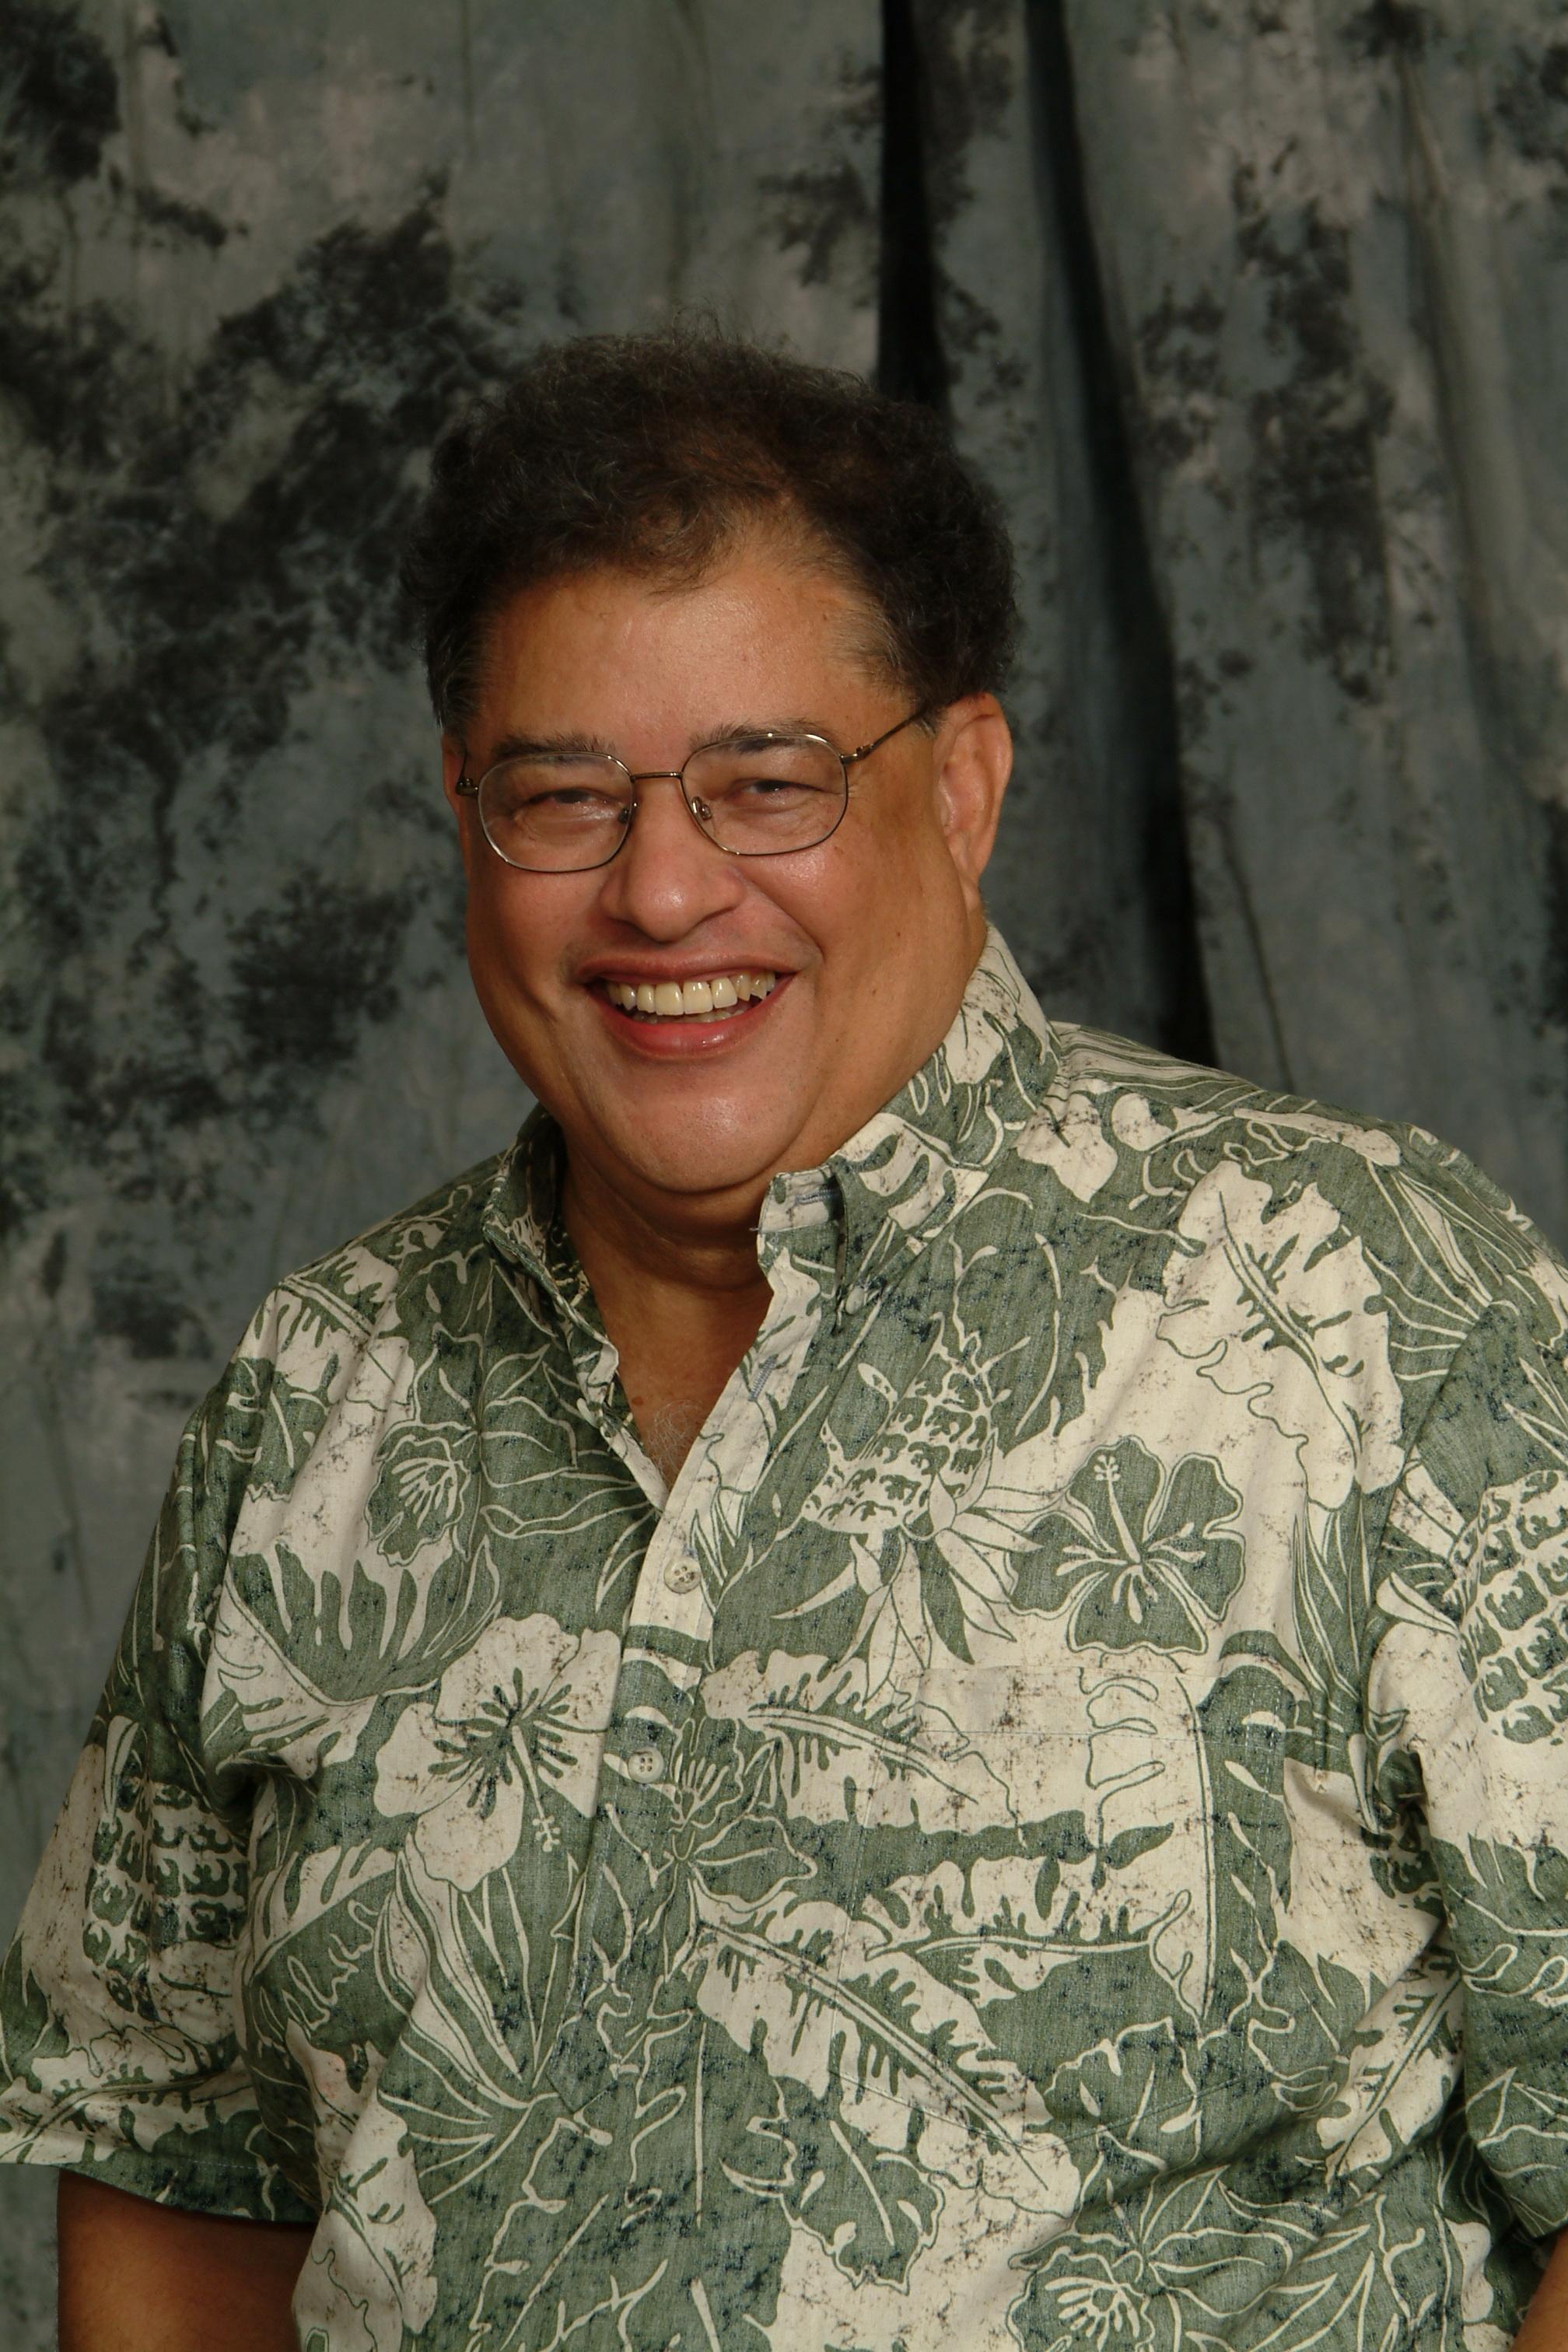 Russ Goode